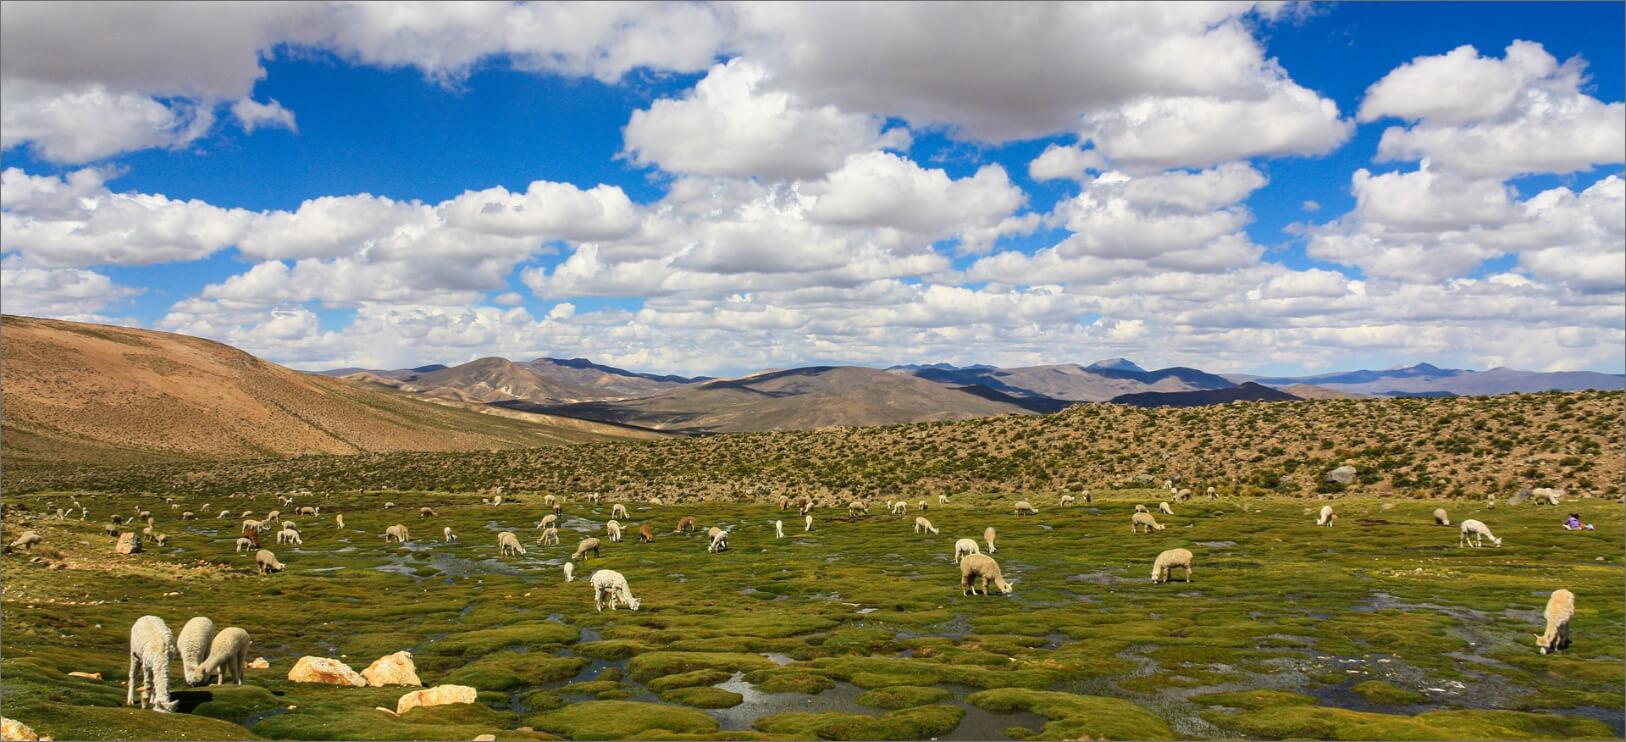 L'Alpaga est un cousin du Lama qui vit sur les très hauts plateaux des Andes